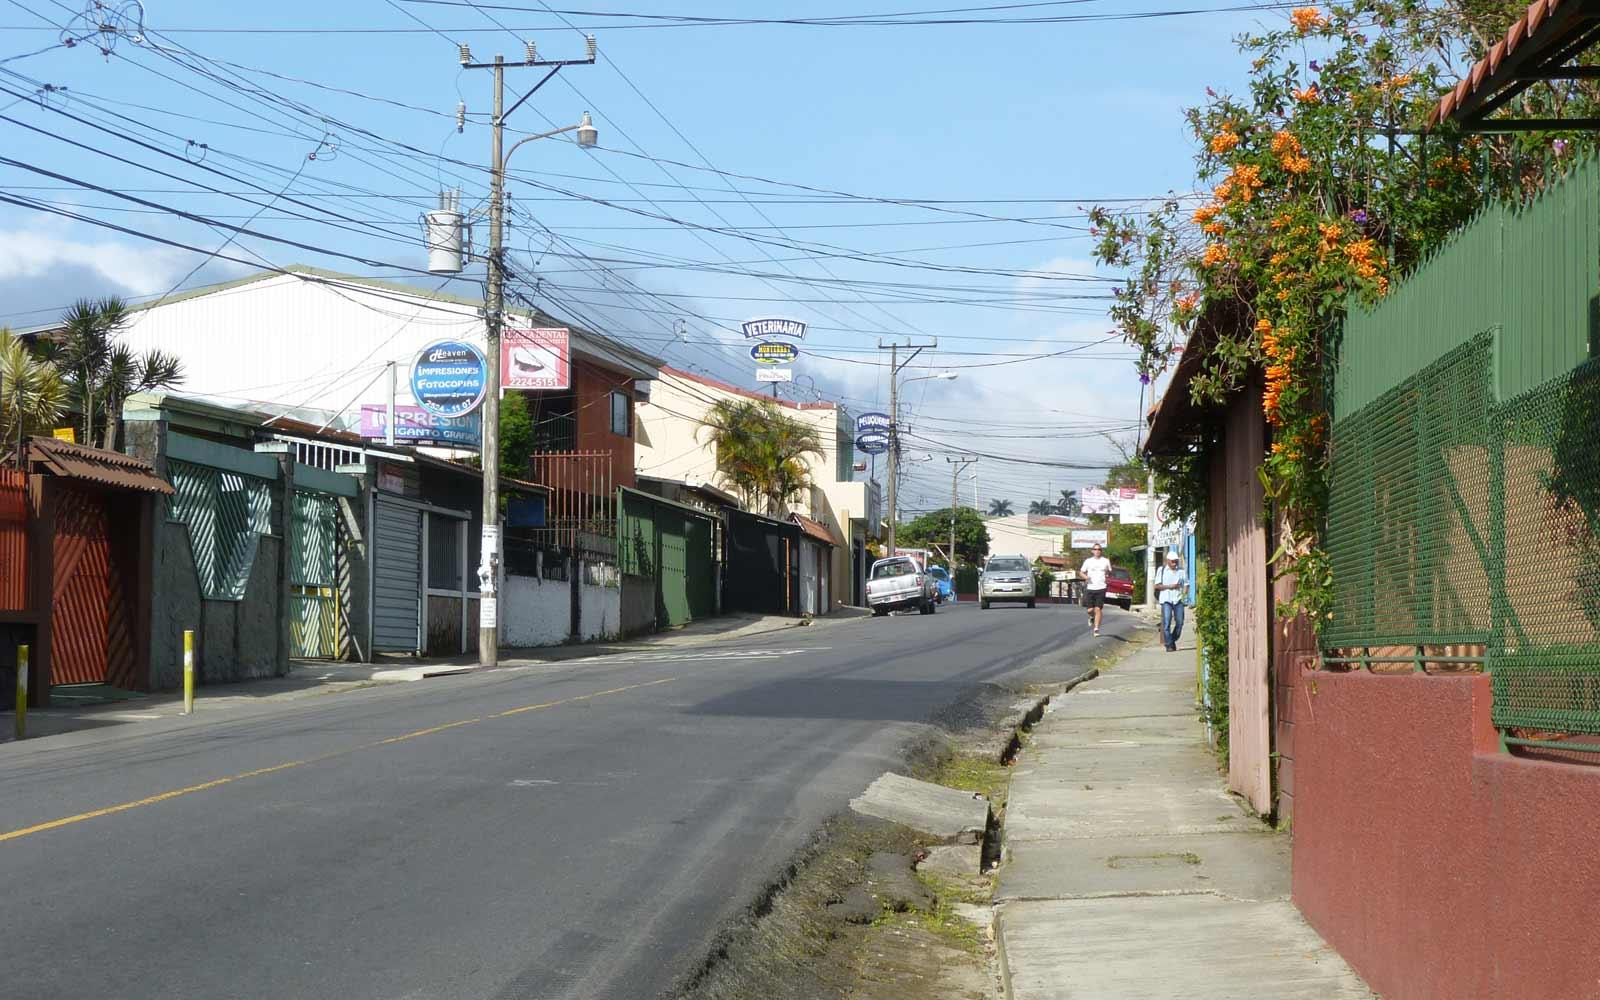 Straße in San Pedro, Costa Rica